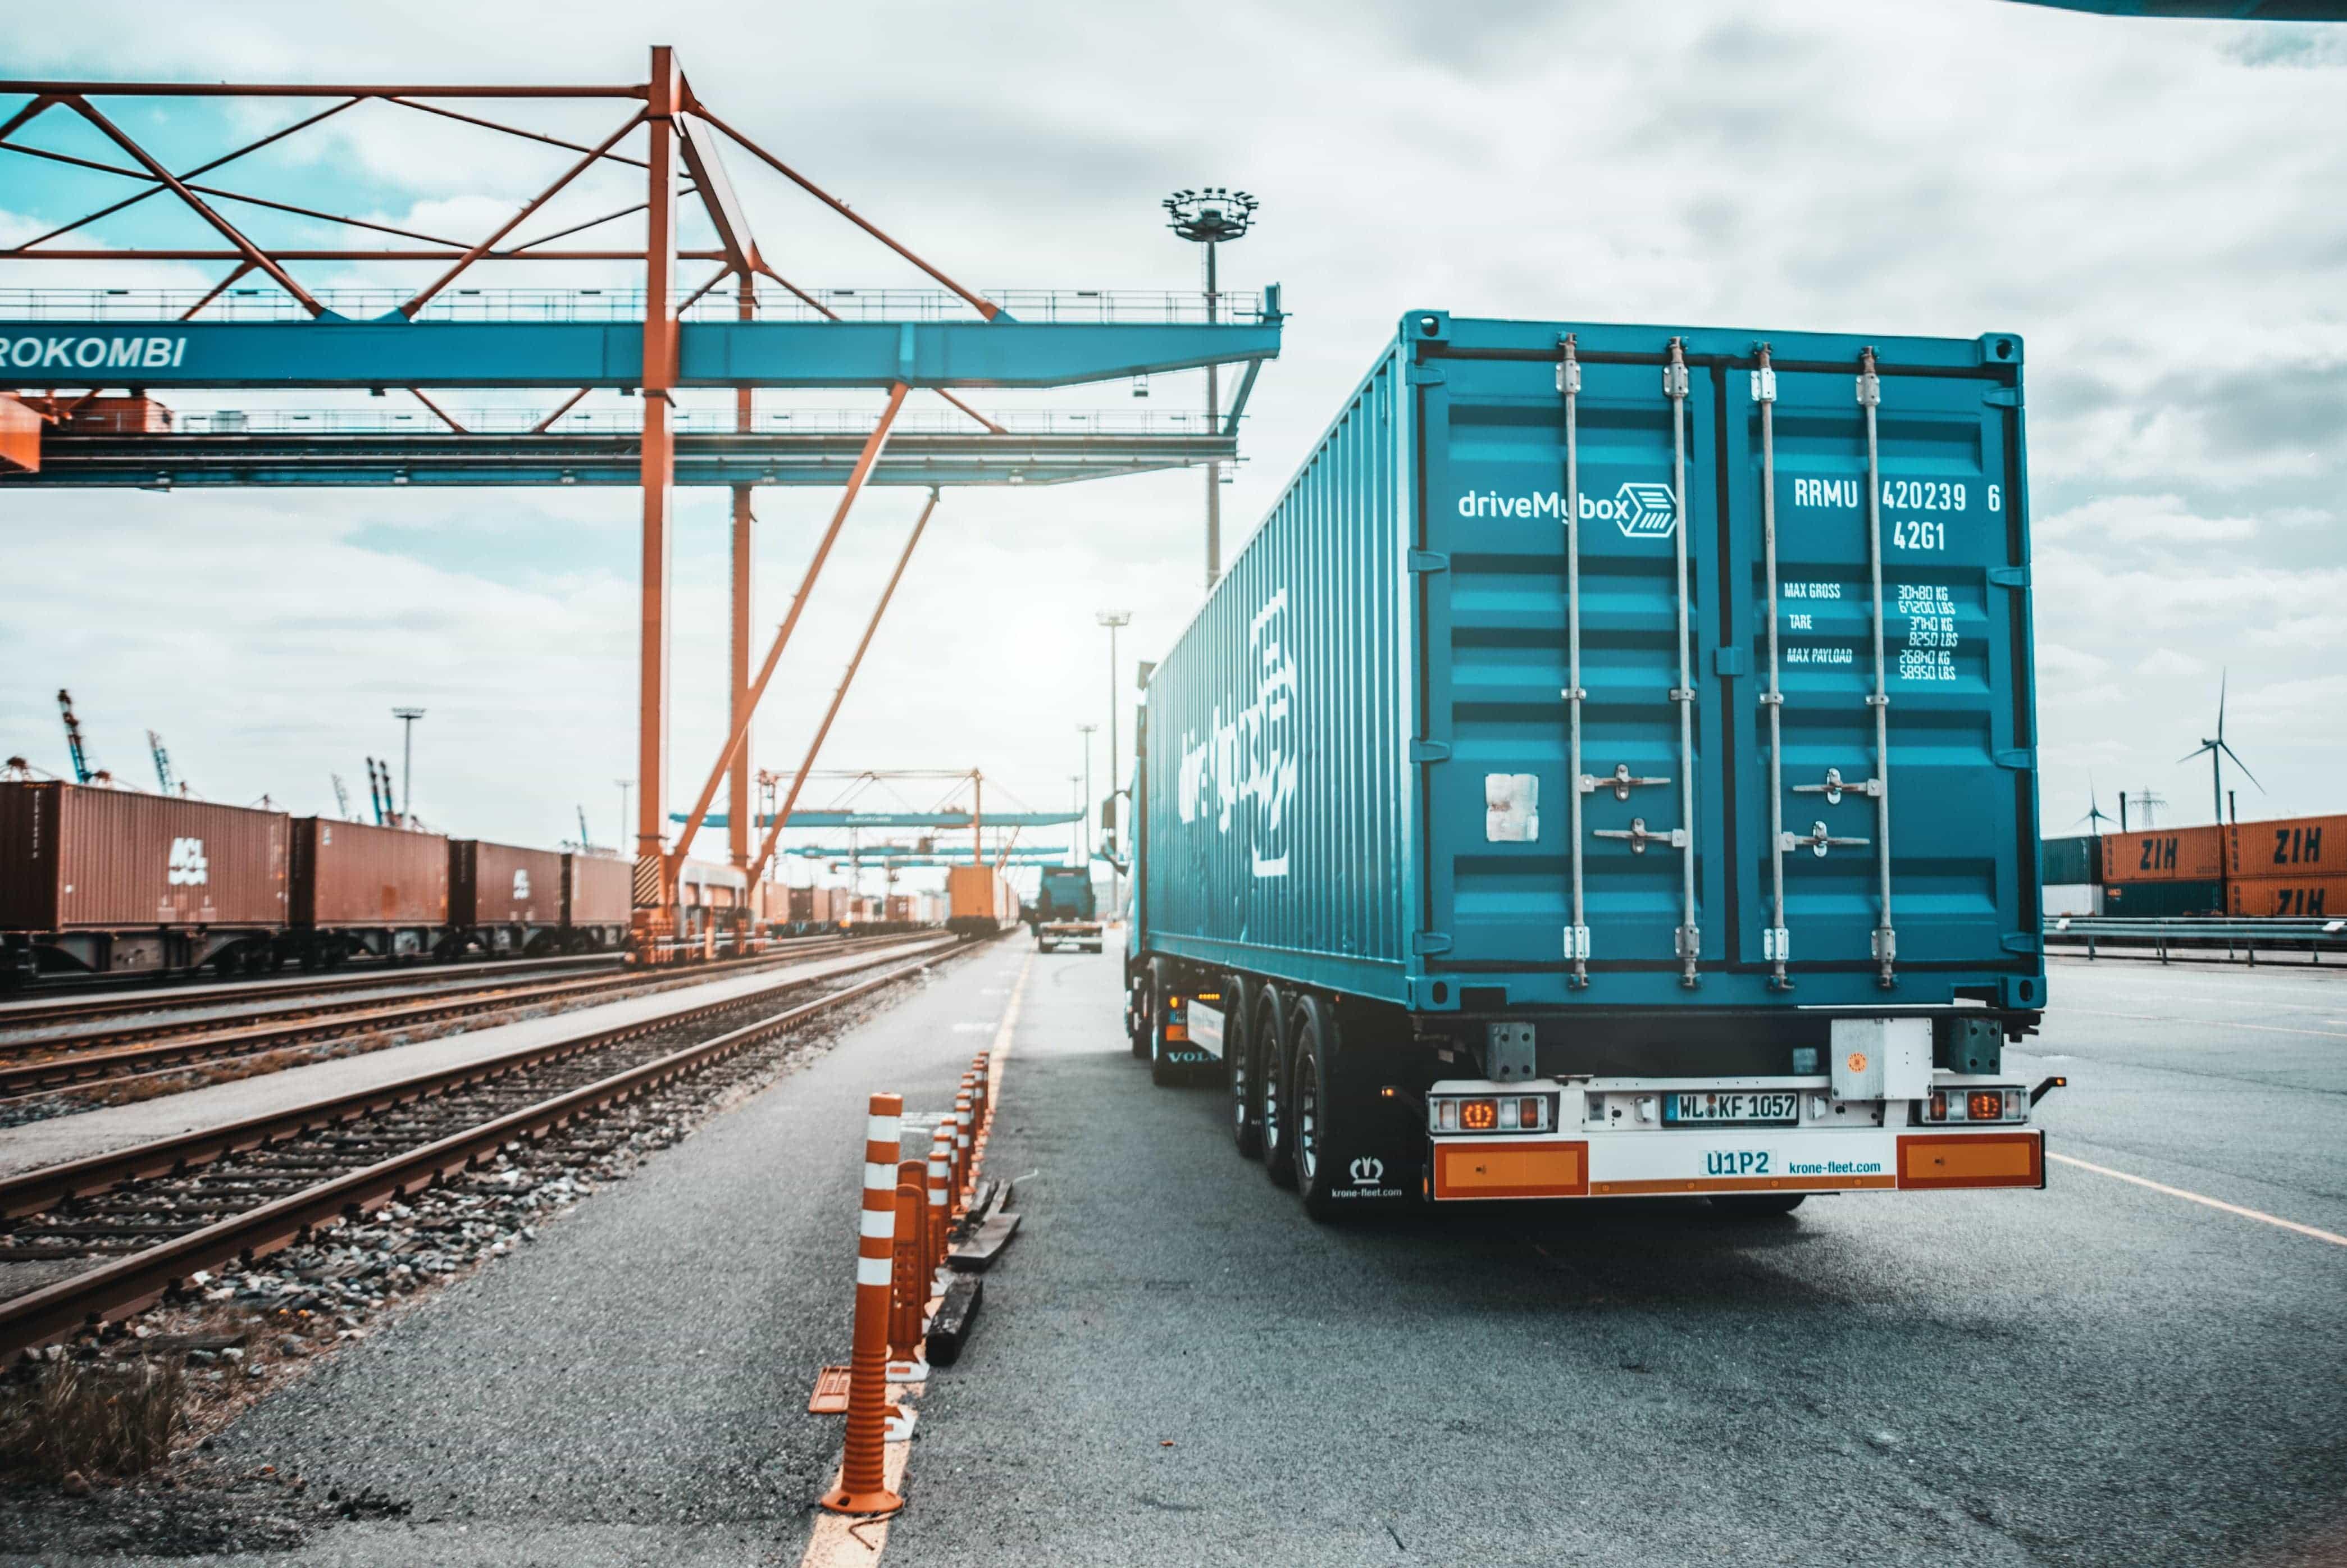 Die digitale Trucking-Plattform erweitert das Angebot um die norddeutschen Seehäfen und über die Landesgrenze hinaus